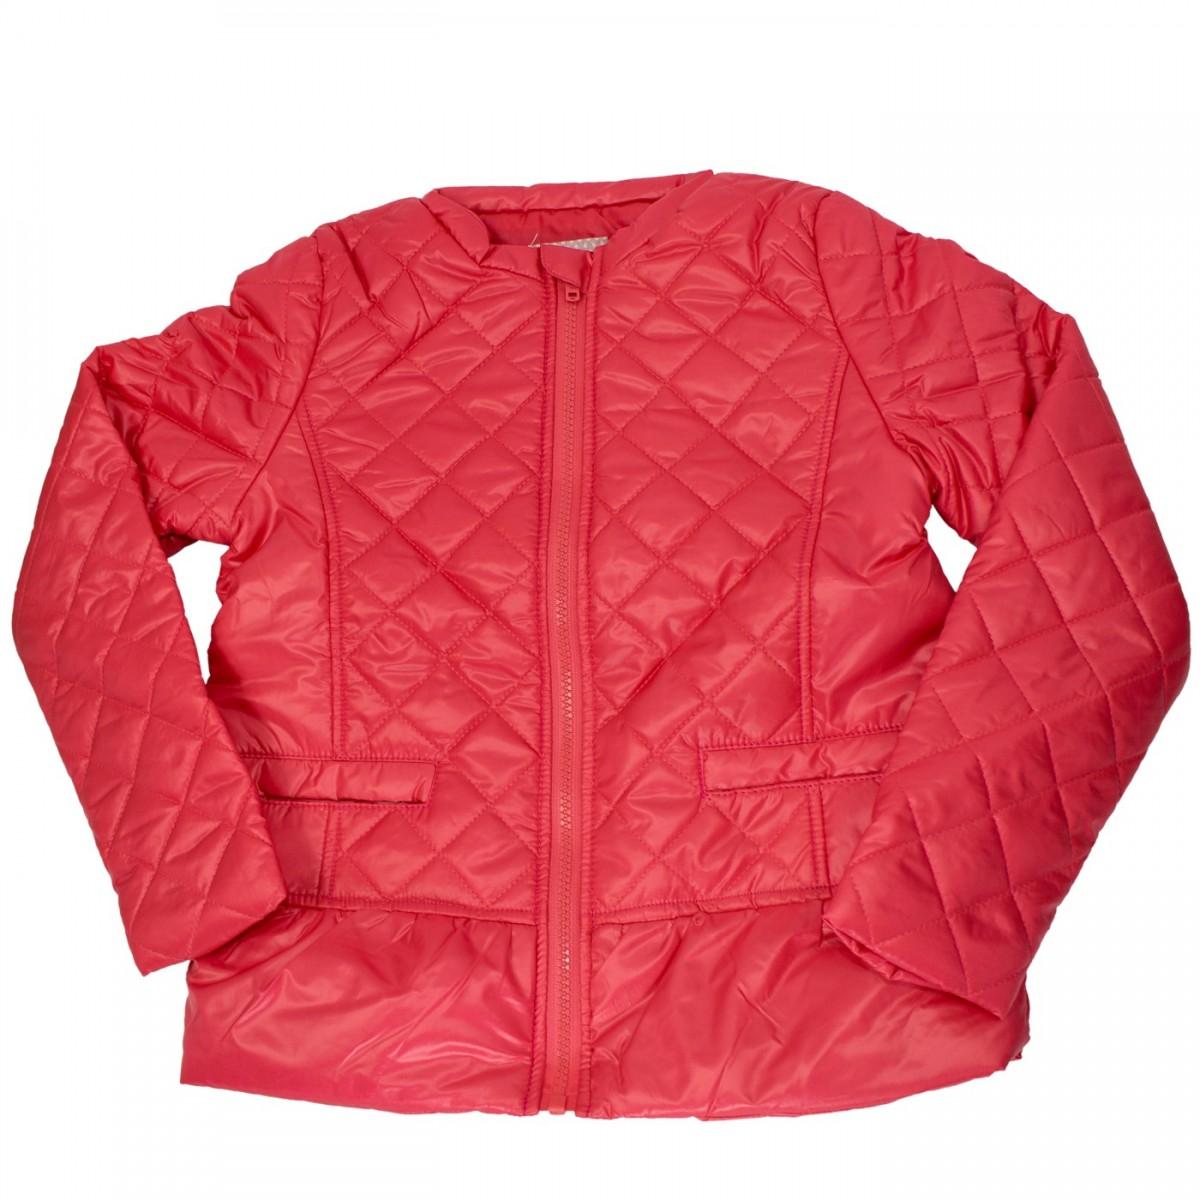 Bizz Store - Jaqueta Infantil Menina Hering Kids Rosa fd065e92823